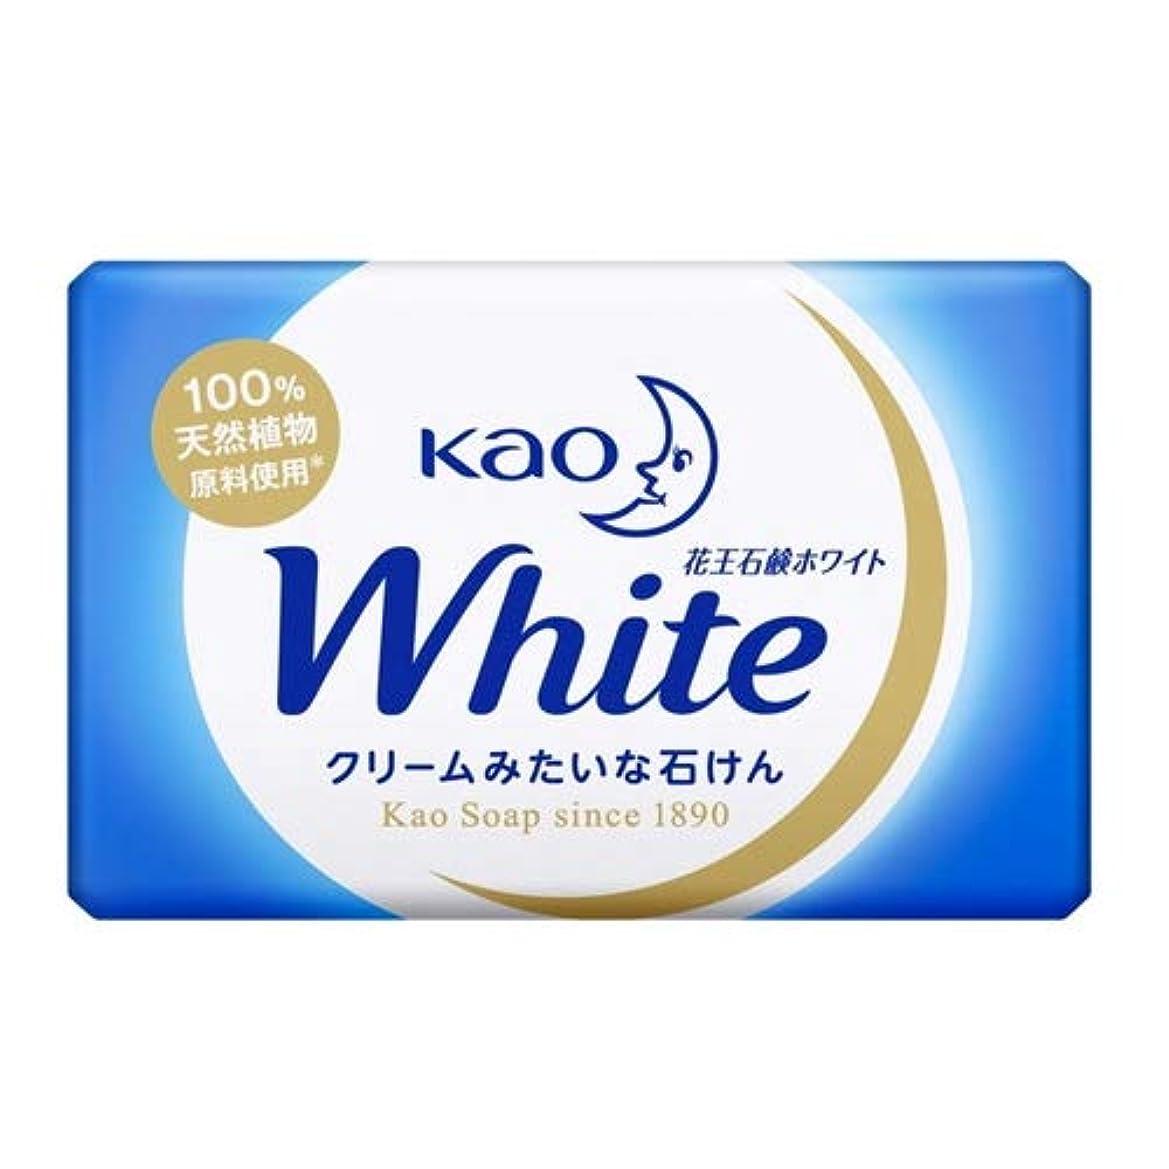 立ち向かう排気頑丈花王石鹸ホワイト 業務用ミニサイズ 15g × 5個セット